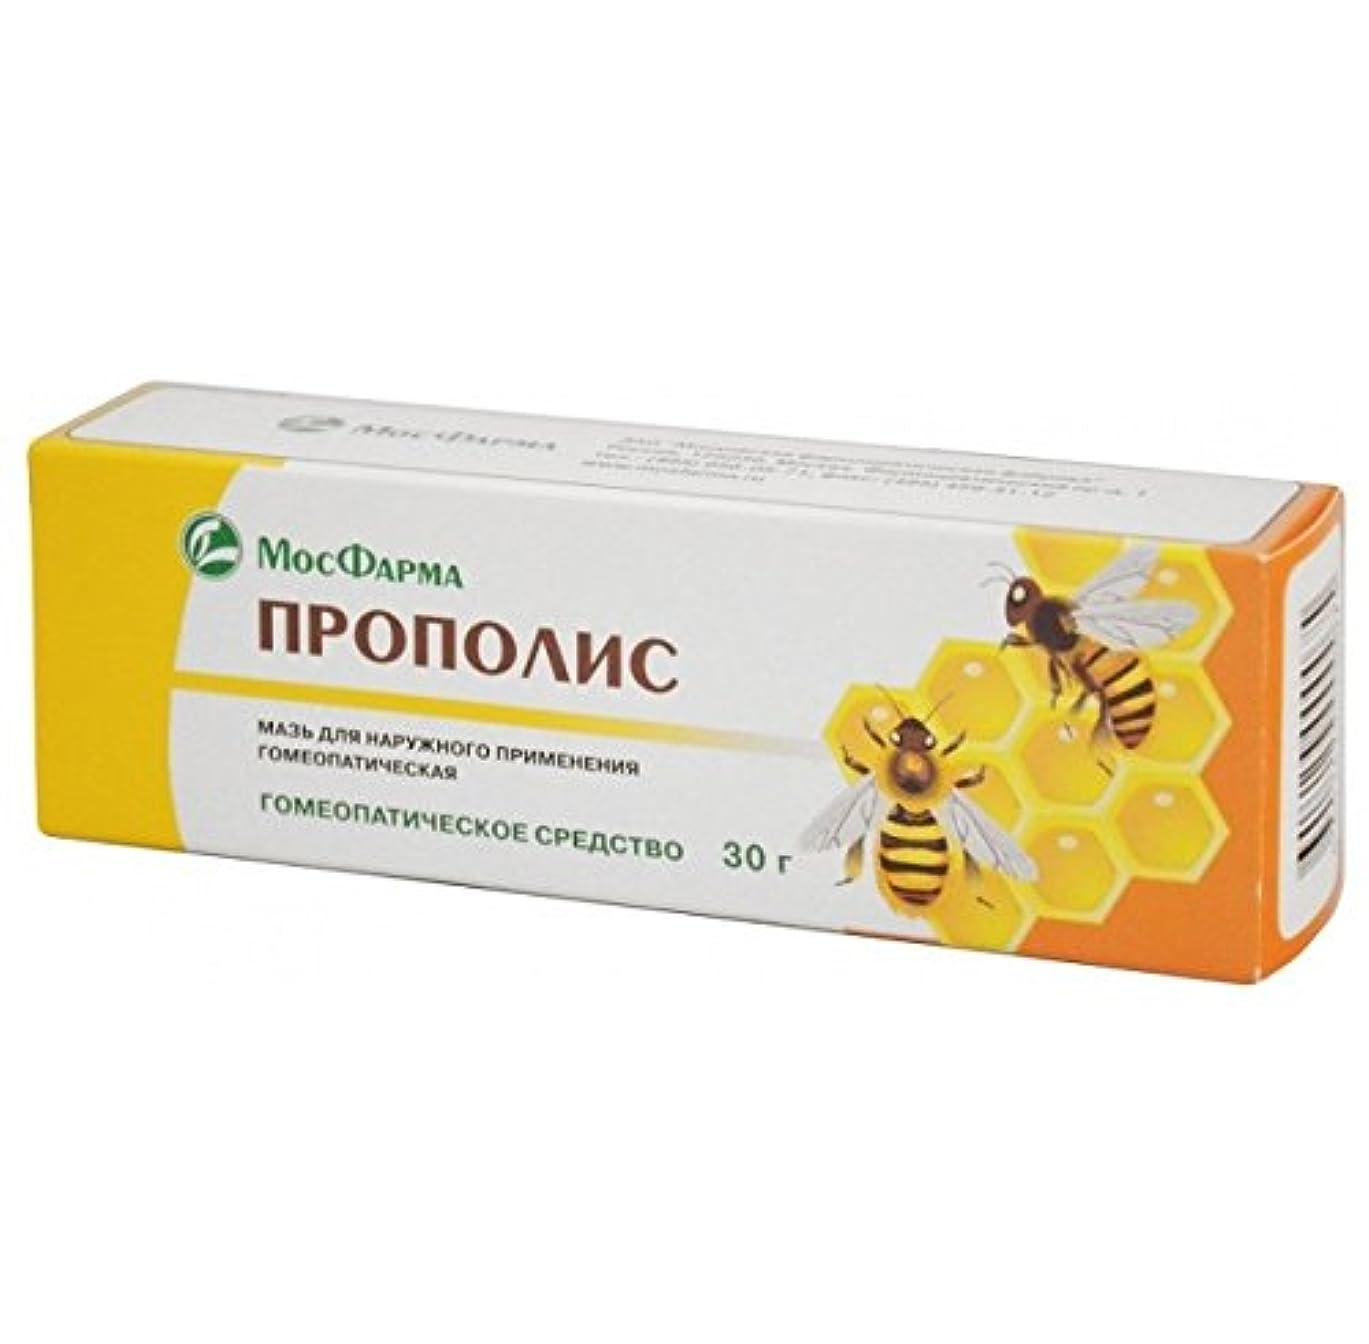 準備する作物ピケPropolis ointment 30gr. プロポリス軟膏